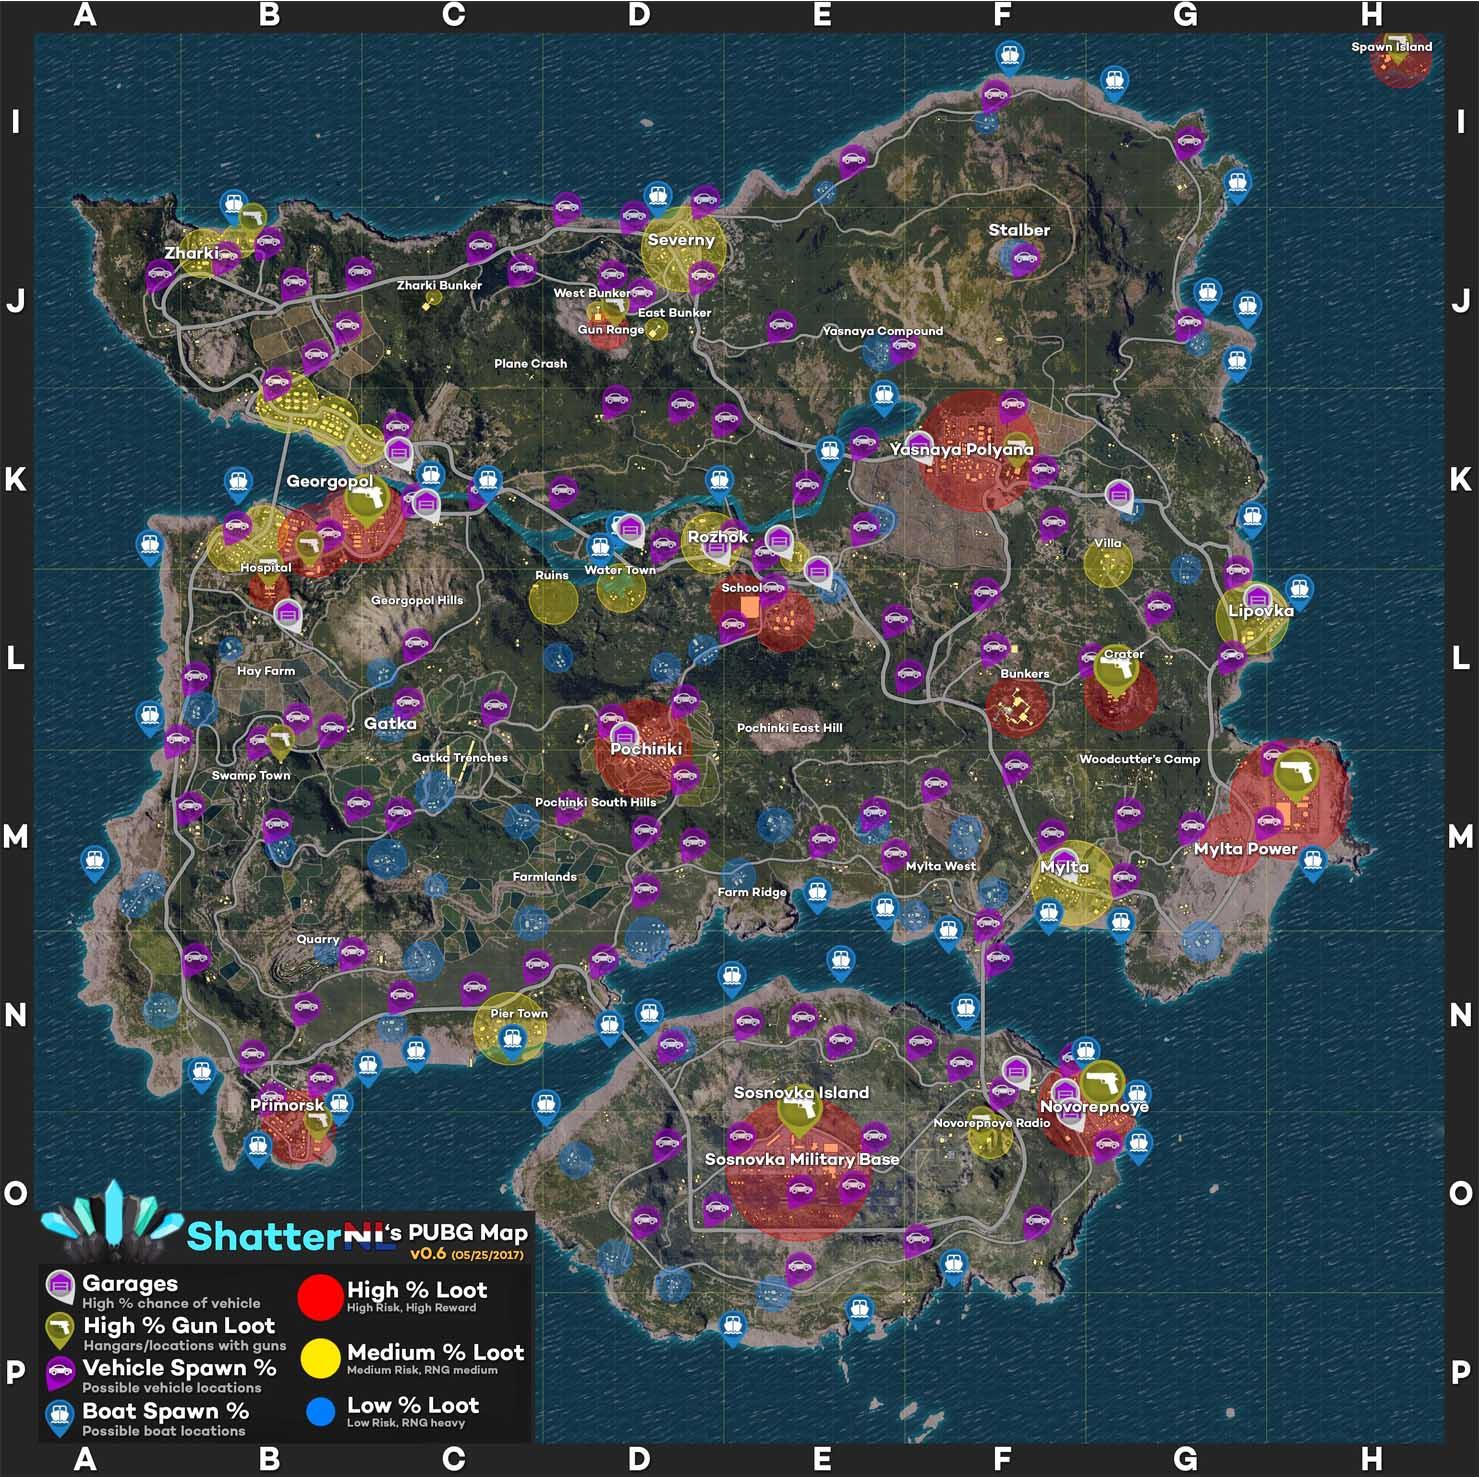 نصائح ماهي افضل المواقع الجغرافية للنزول في لعبة PUBG للايفون والاندرويد